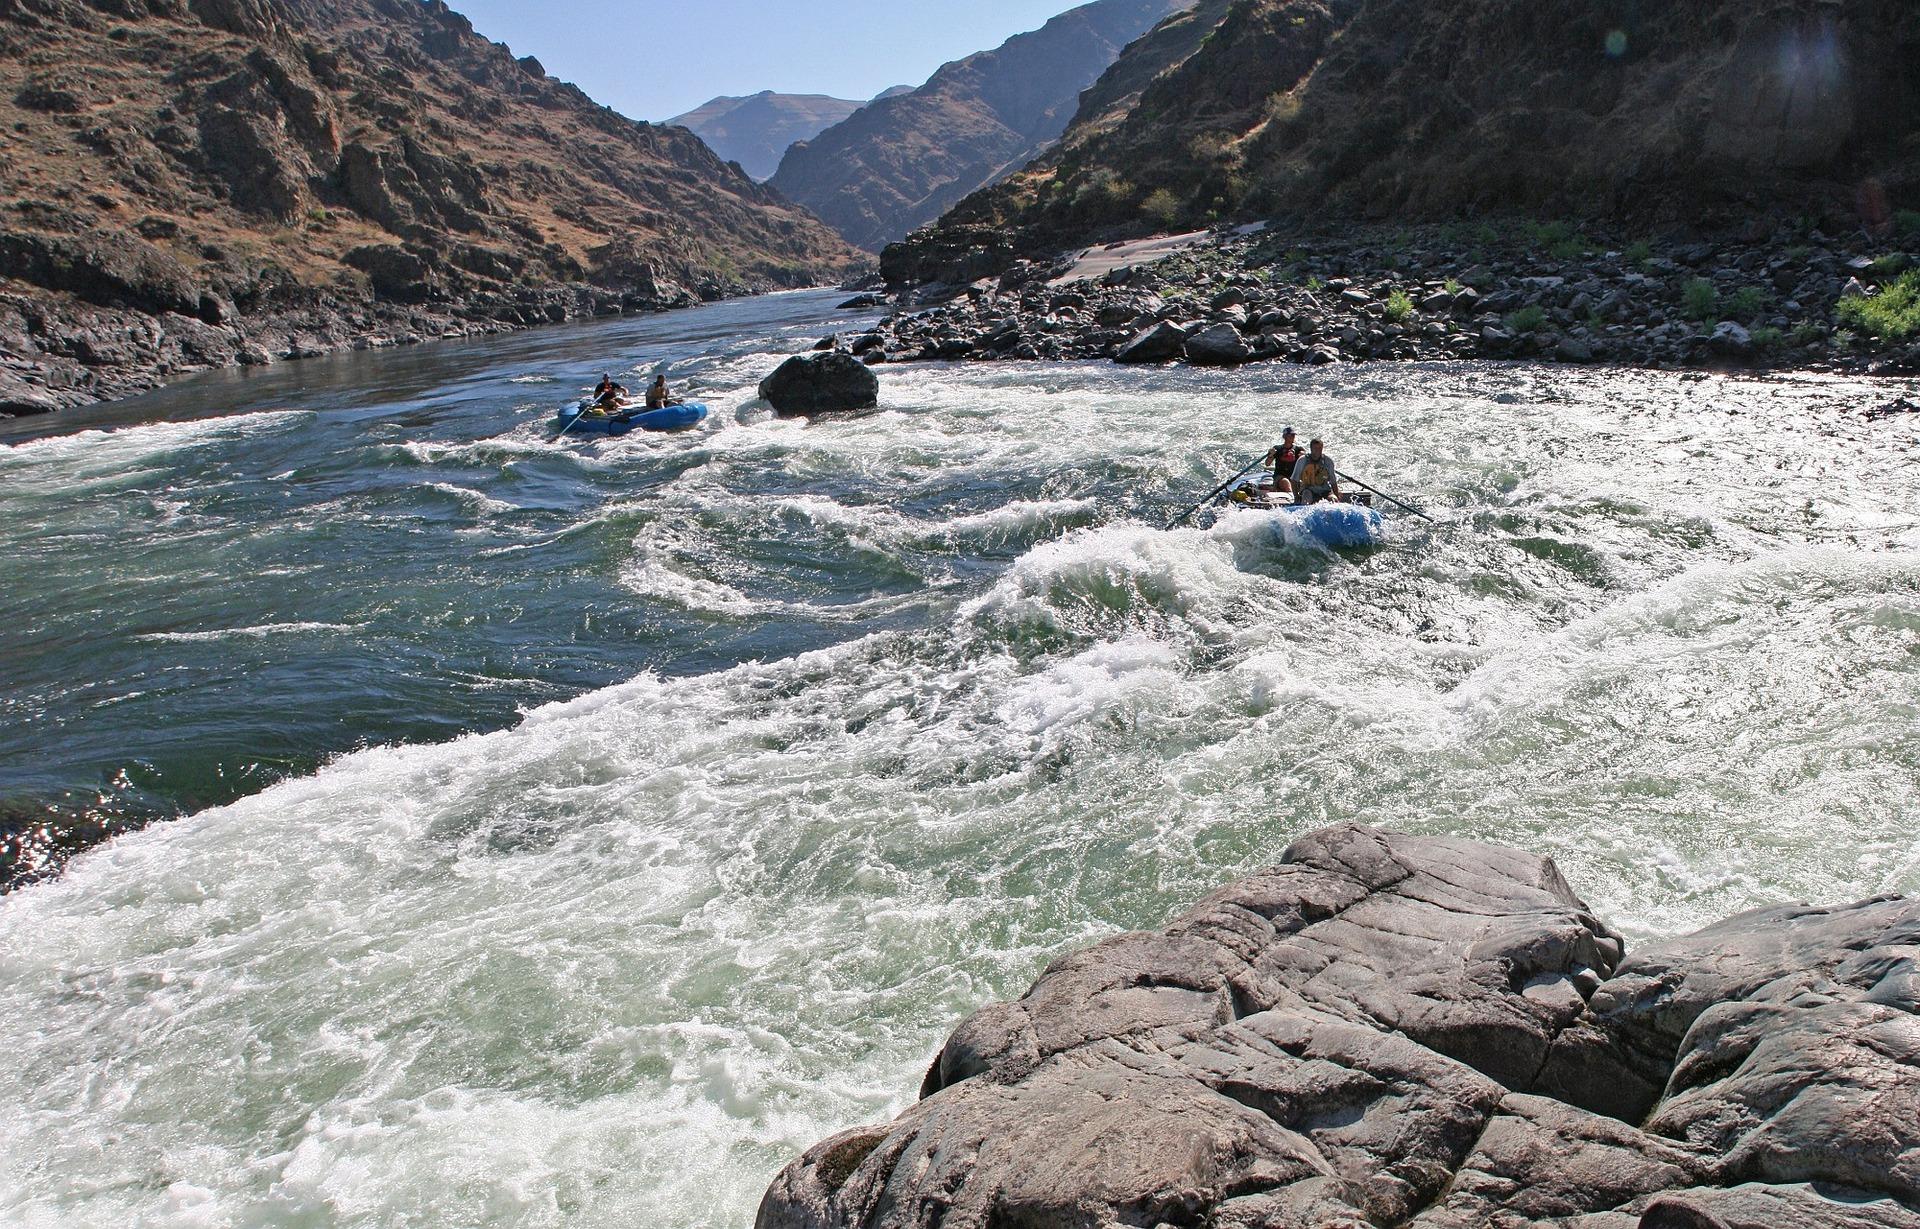 rafting-922337_1920.jpg